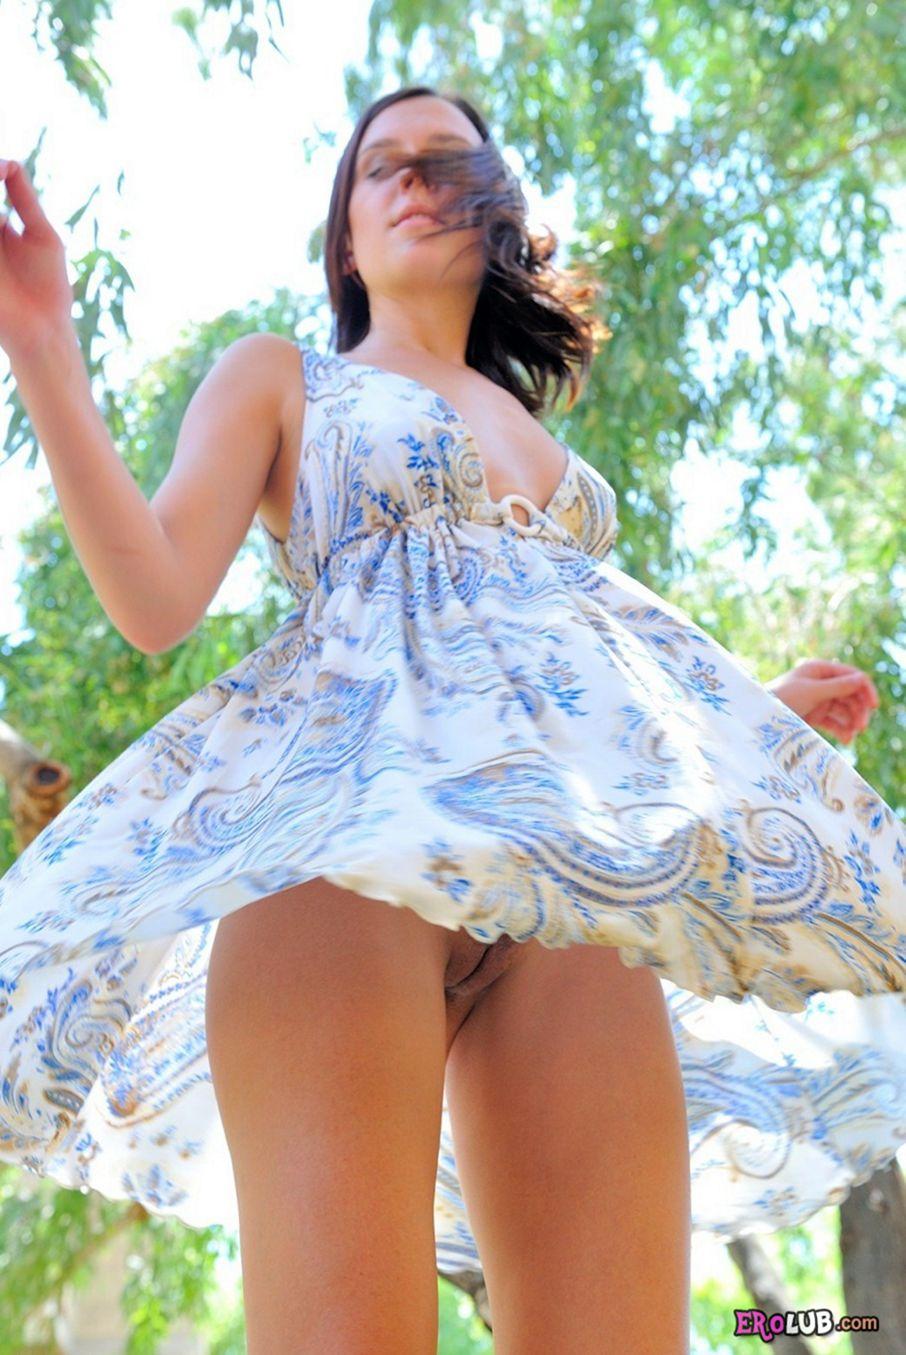 видео порно под платьем соло